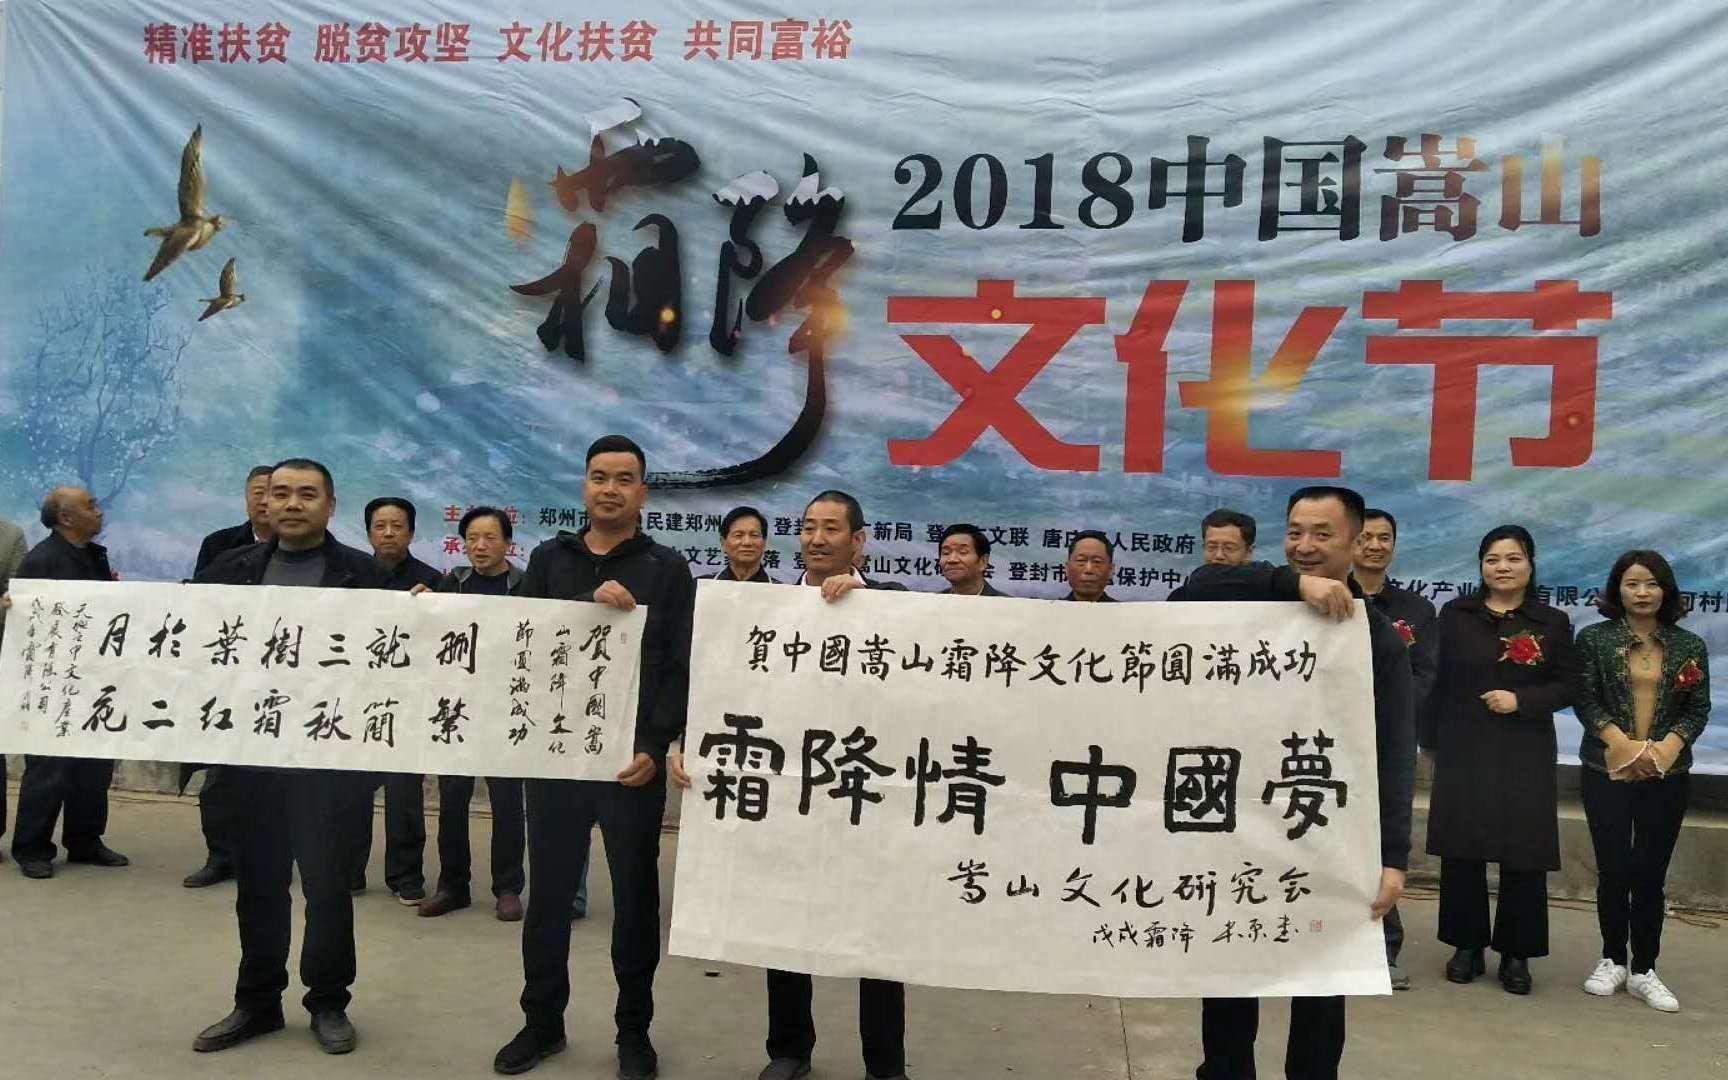 助力扶贫,民建郑州市委参与主办嵩山霜降文化节